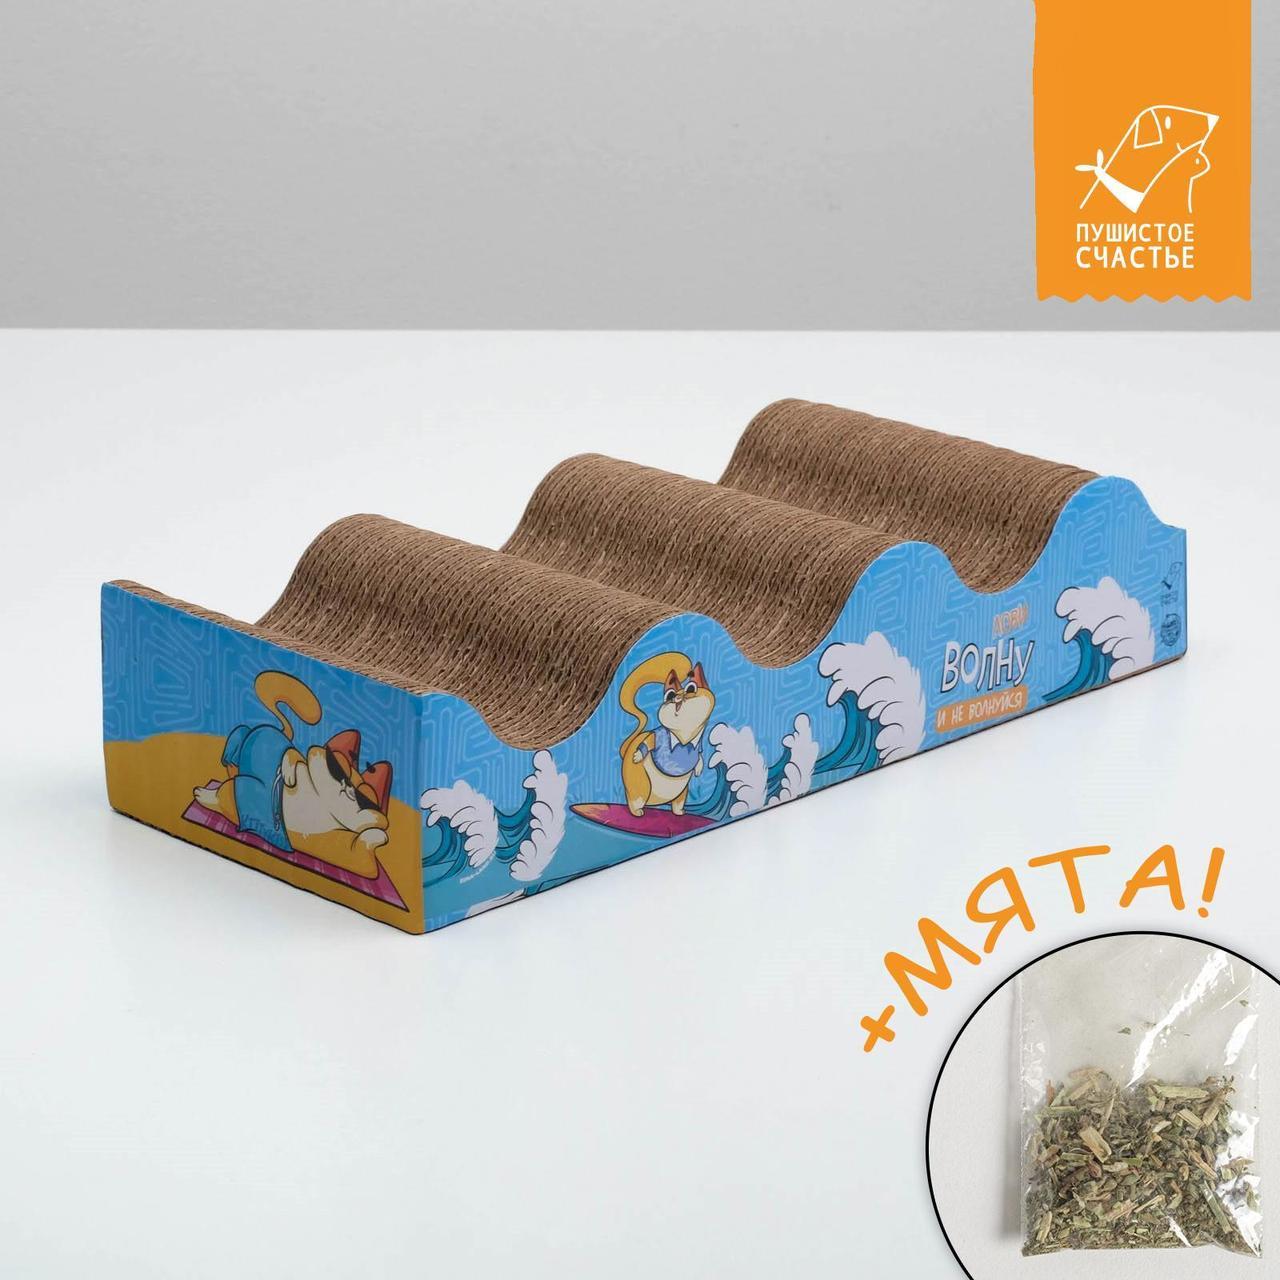 Когтеточка из гофрокартона с кошачьей мятой в пакетике «Лови волну»